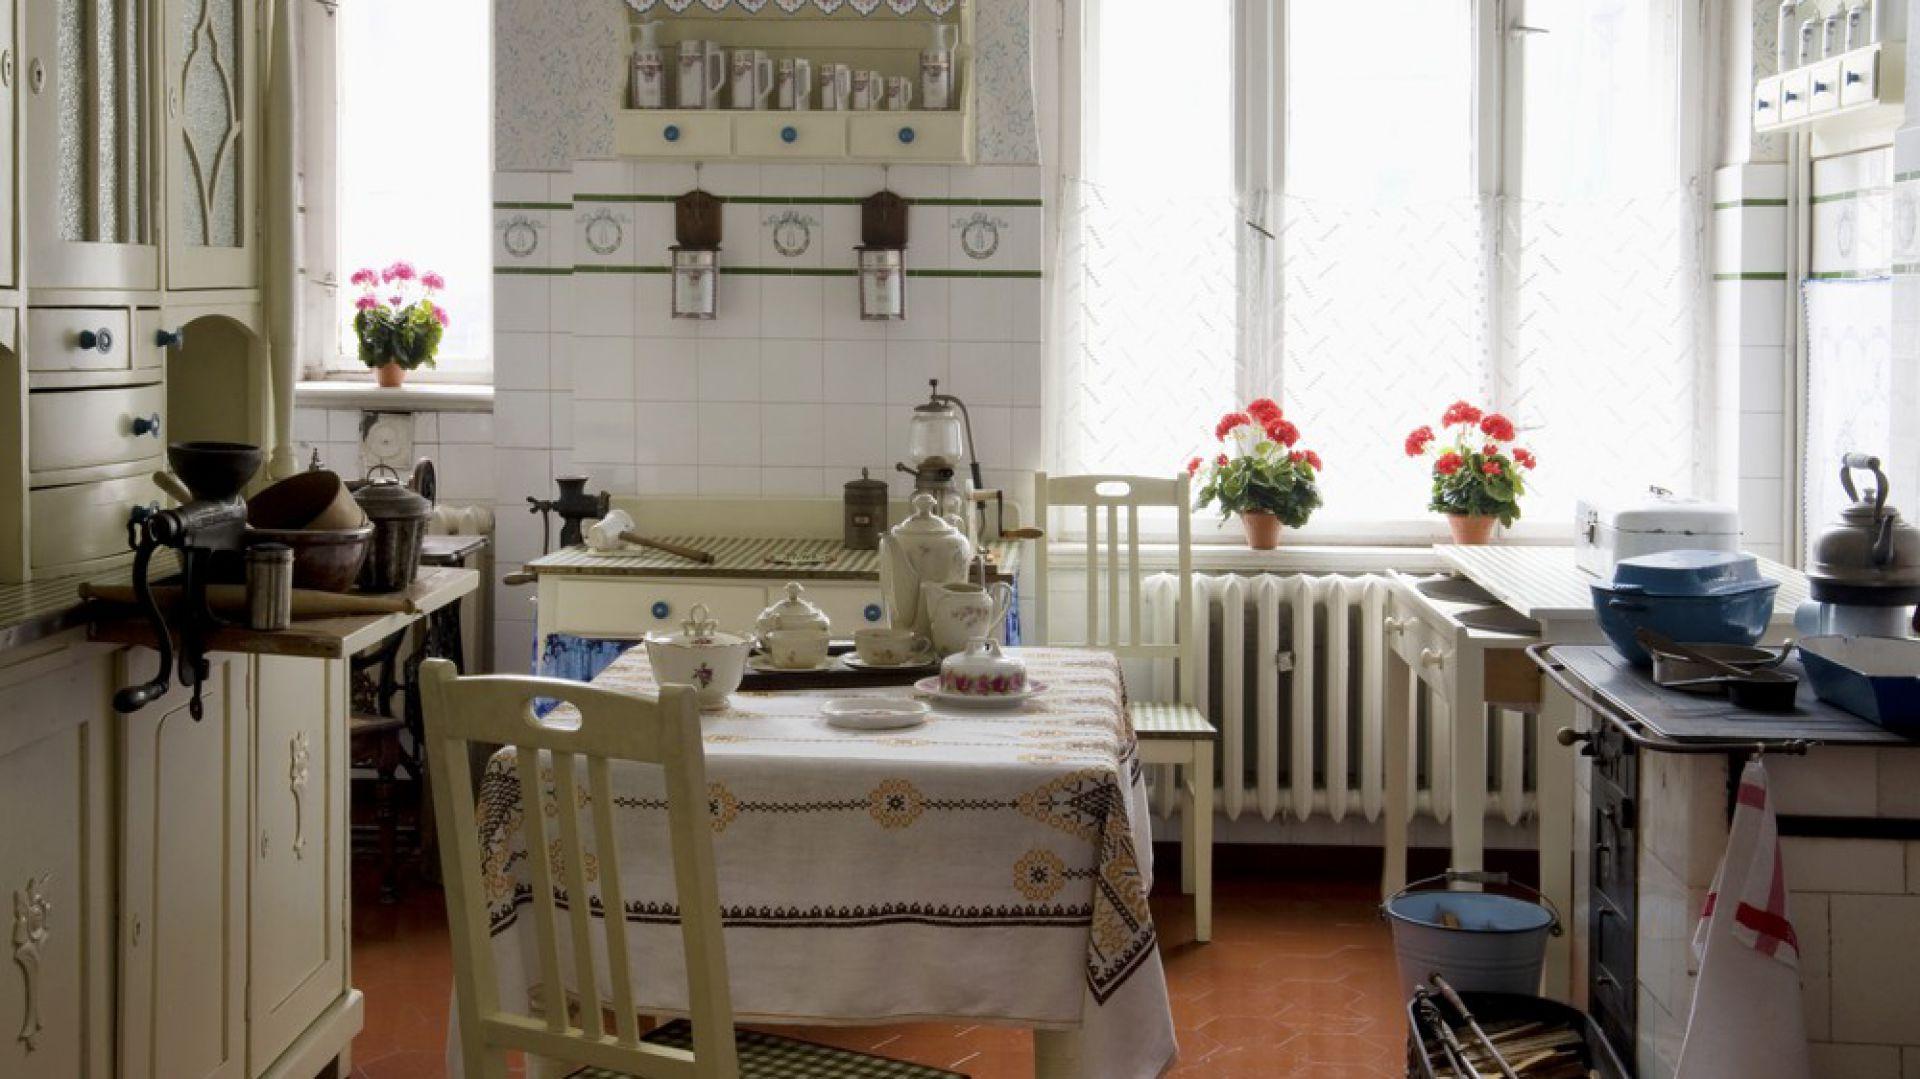 Aranzacja Kuchni Zobacz Jak Sie Zmieniala Na Przestrzeni 100 Lat